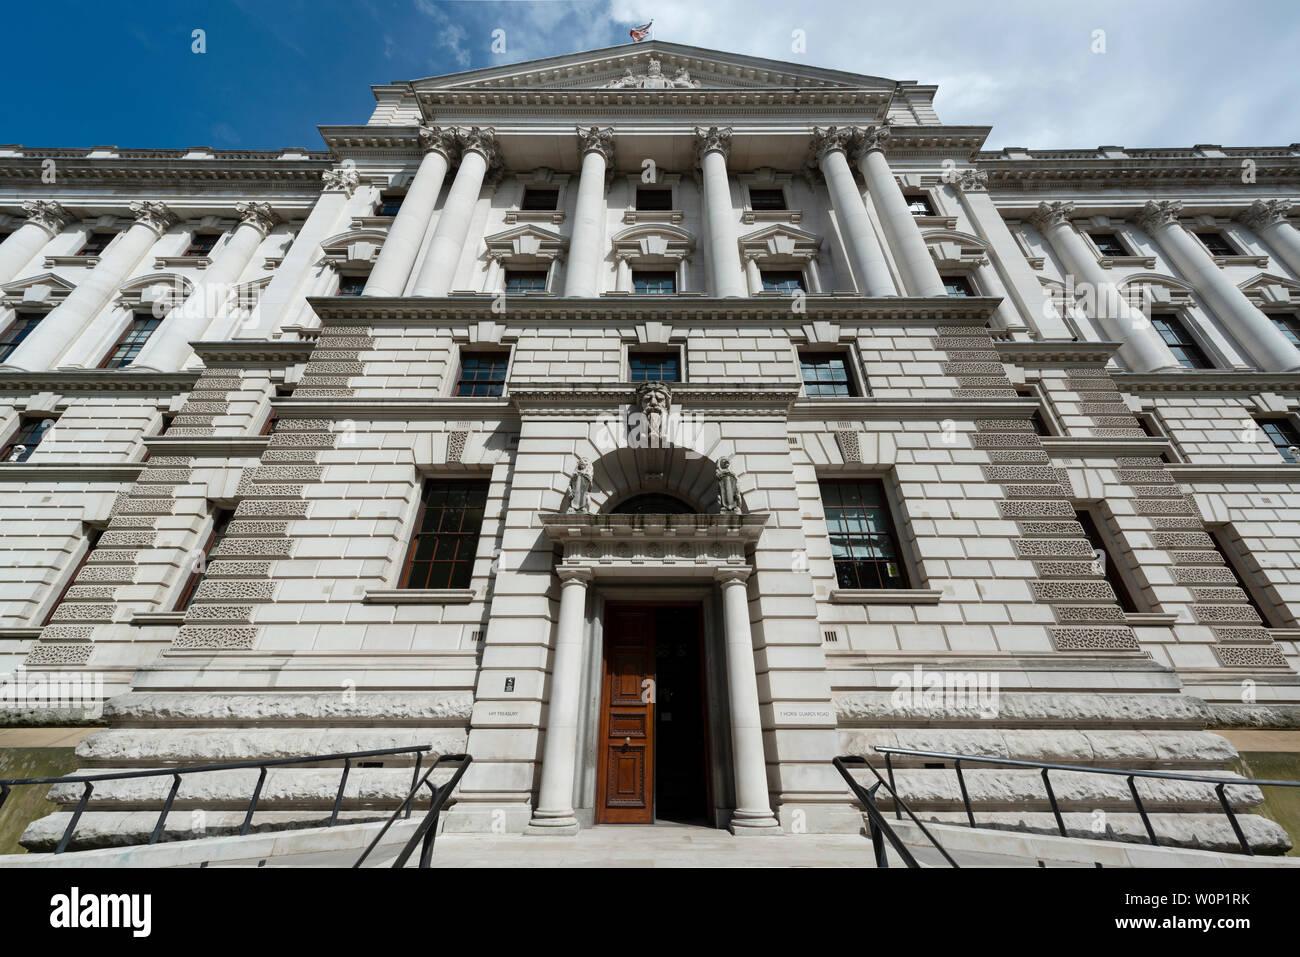 La HM Treasury edificio situato su Horse Guards Road a Londra, Regno Unito. Immagini Stock